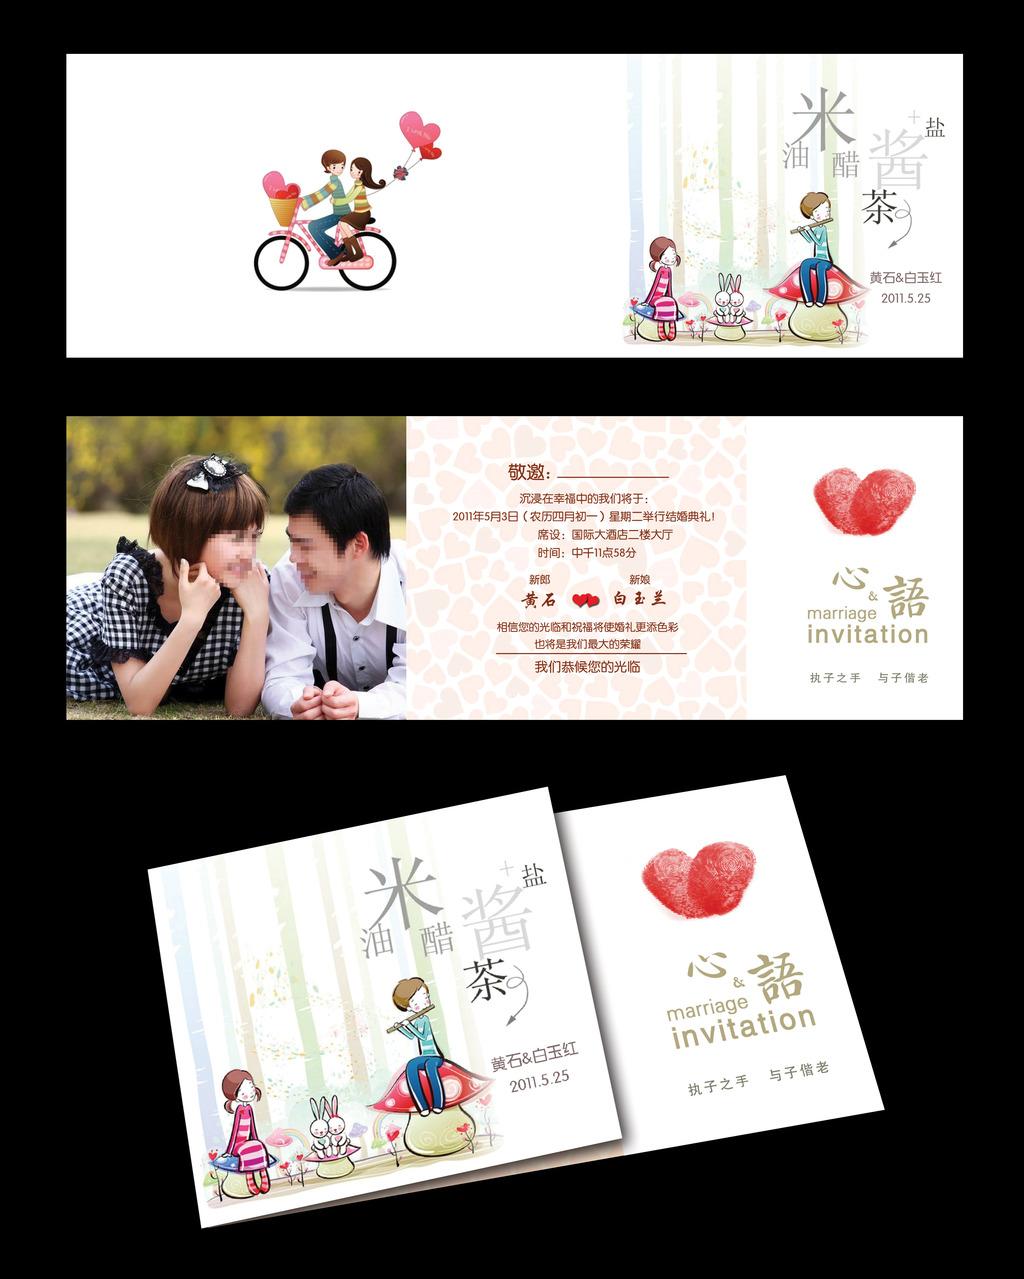 结婚邀请函设计图图片